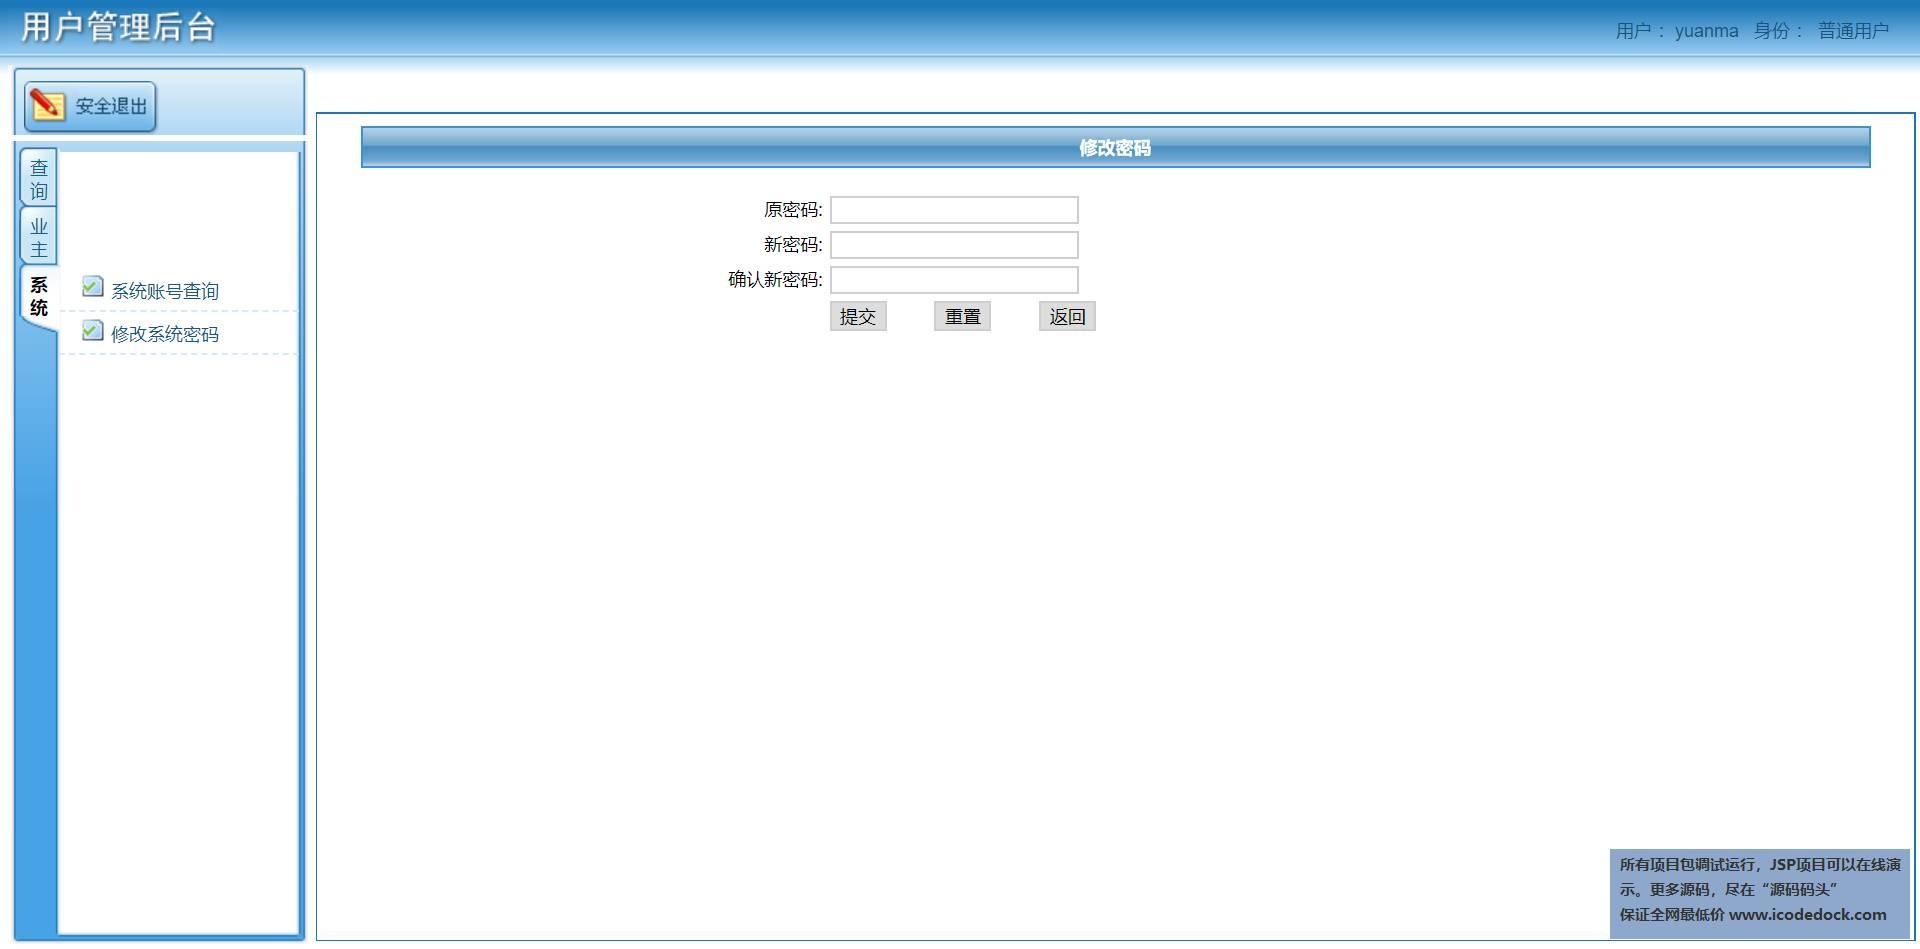 源码码头-SSH物业管理系统-用户角色-修改系统密码